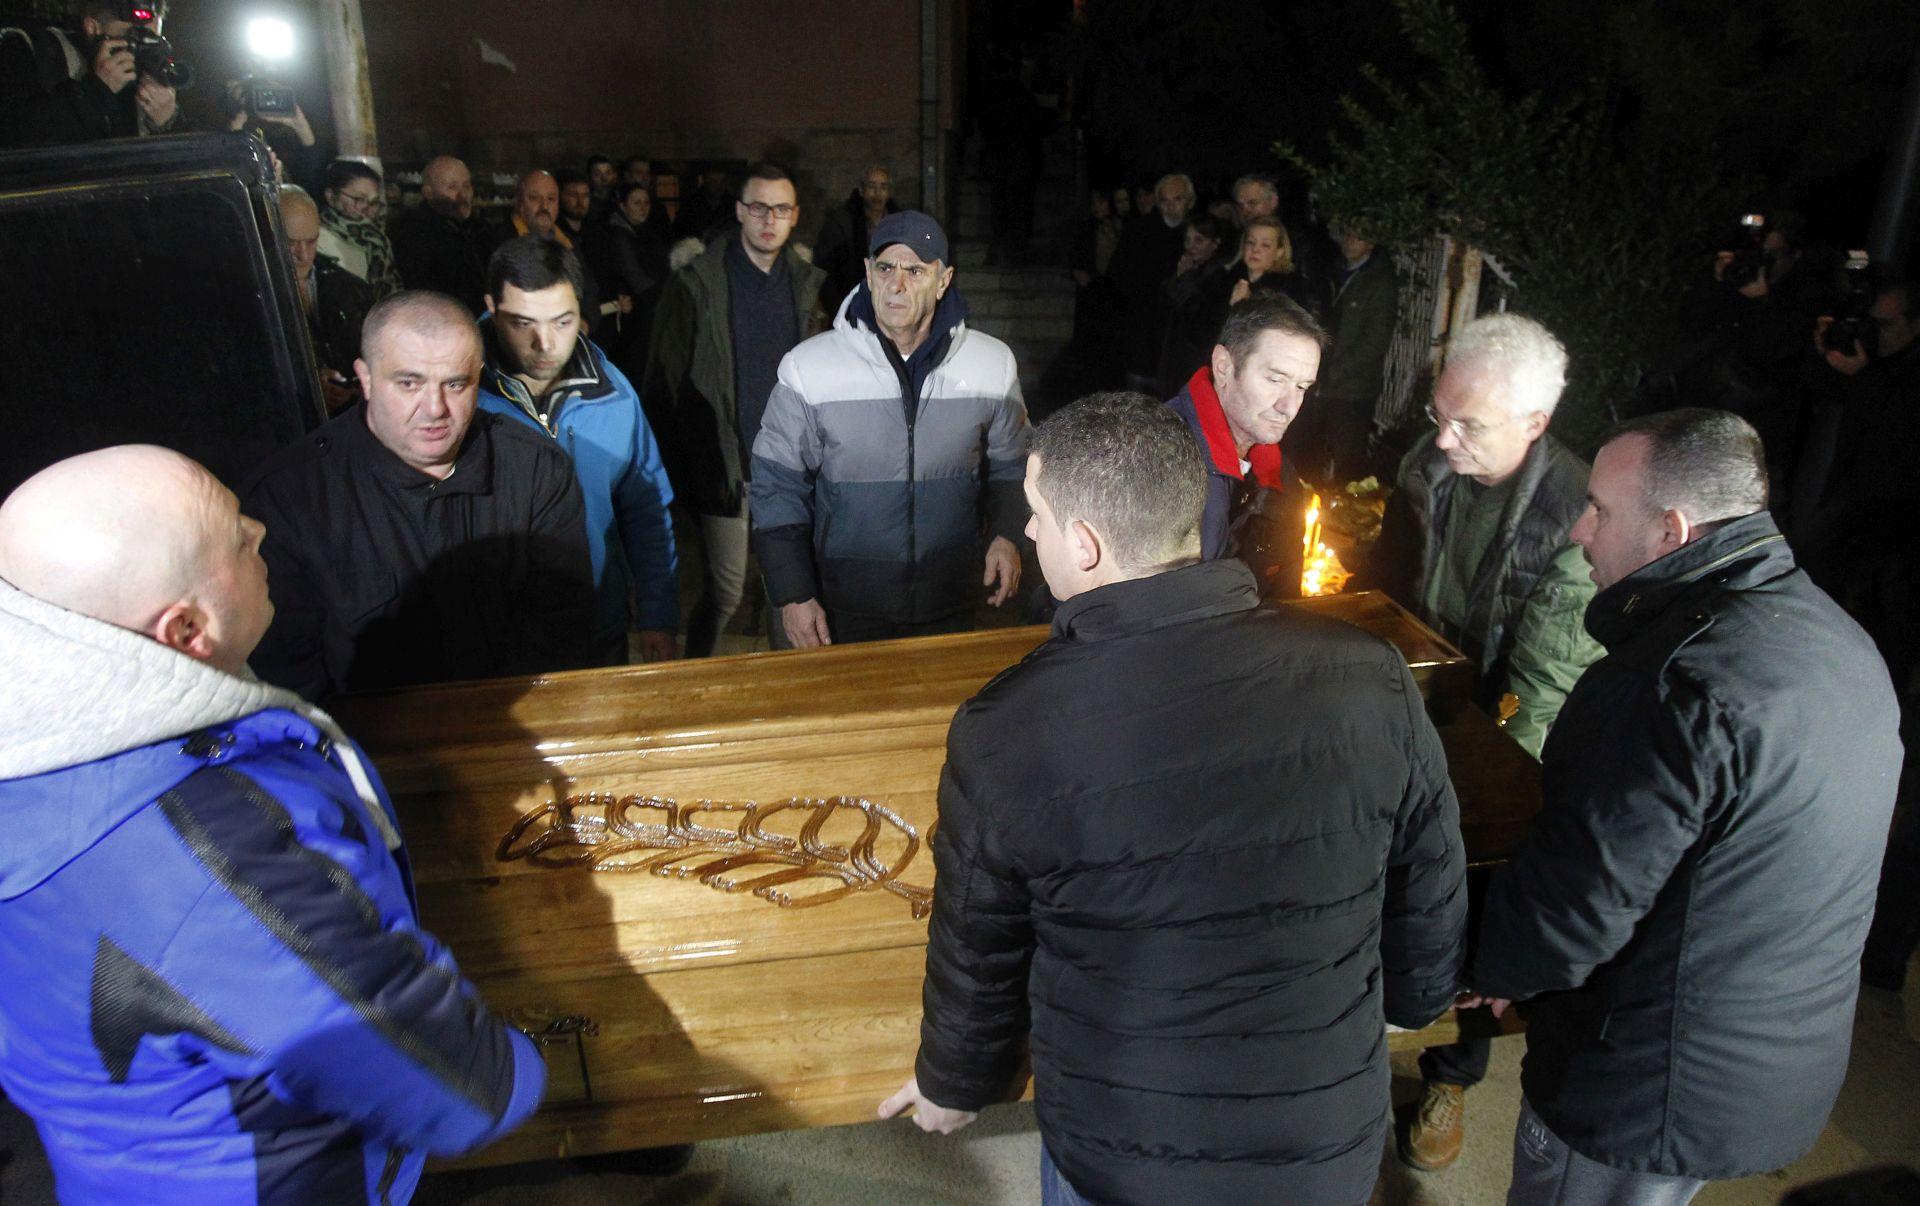 Kosovo će zvati i FBI ako treba da se otkrije Ivanovićev ubojica